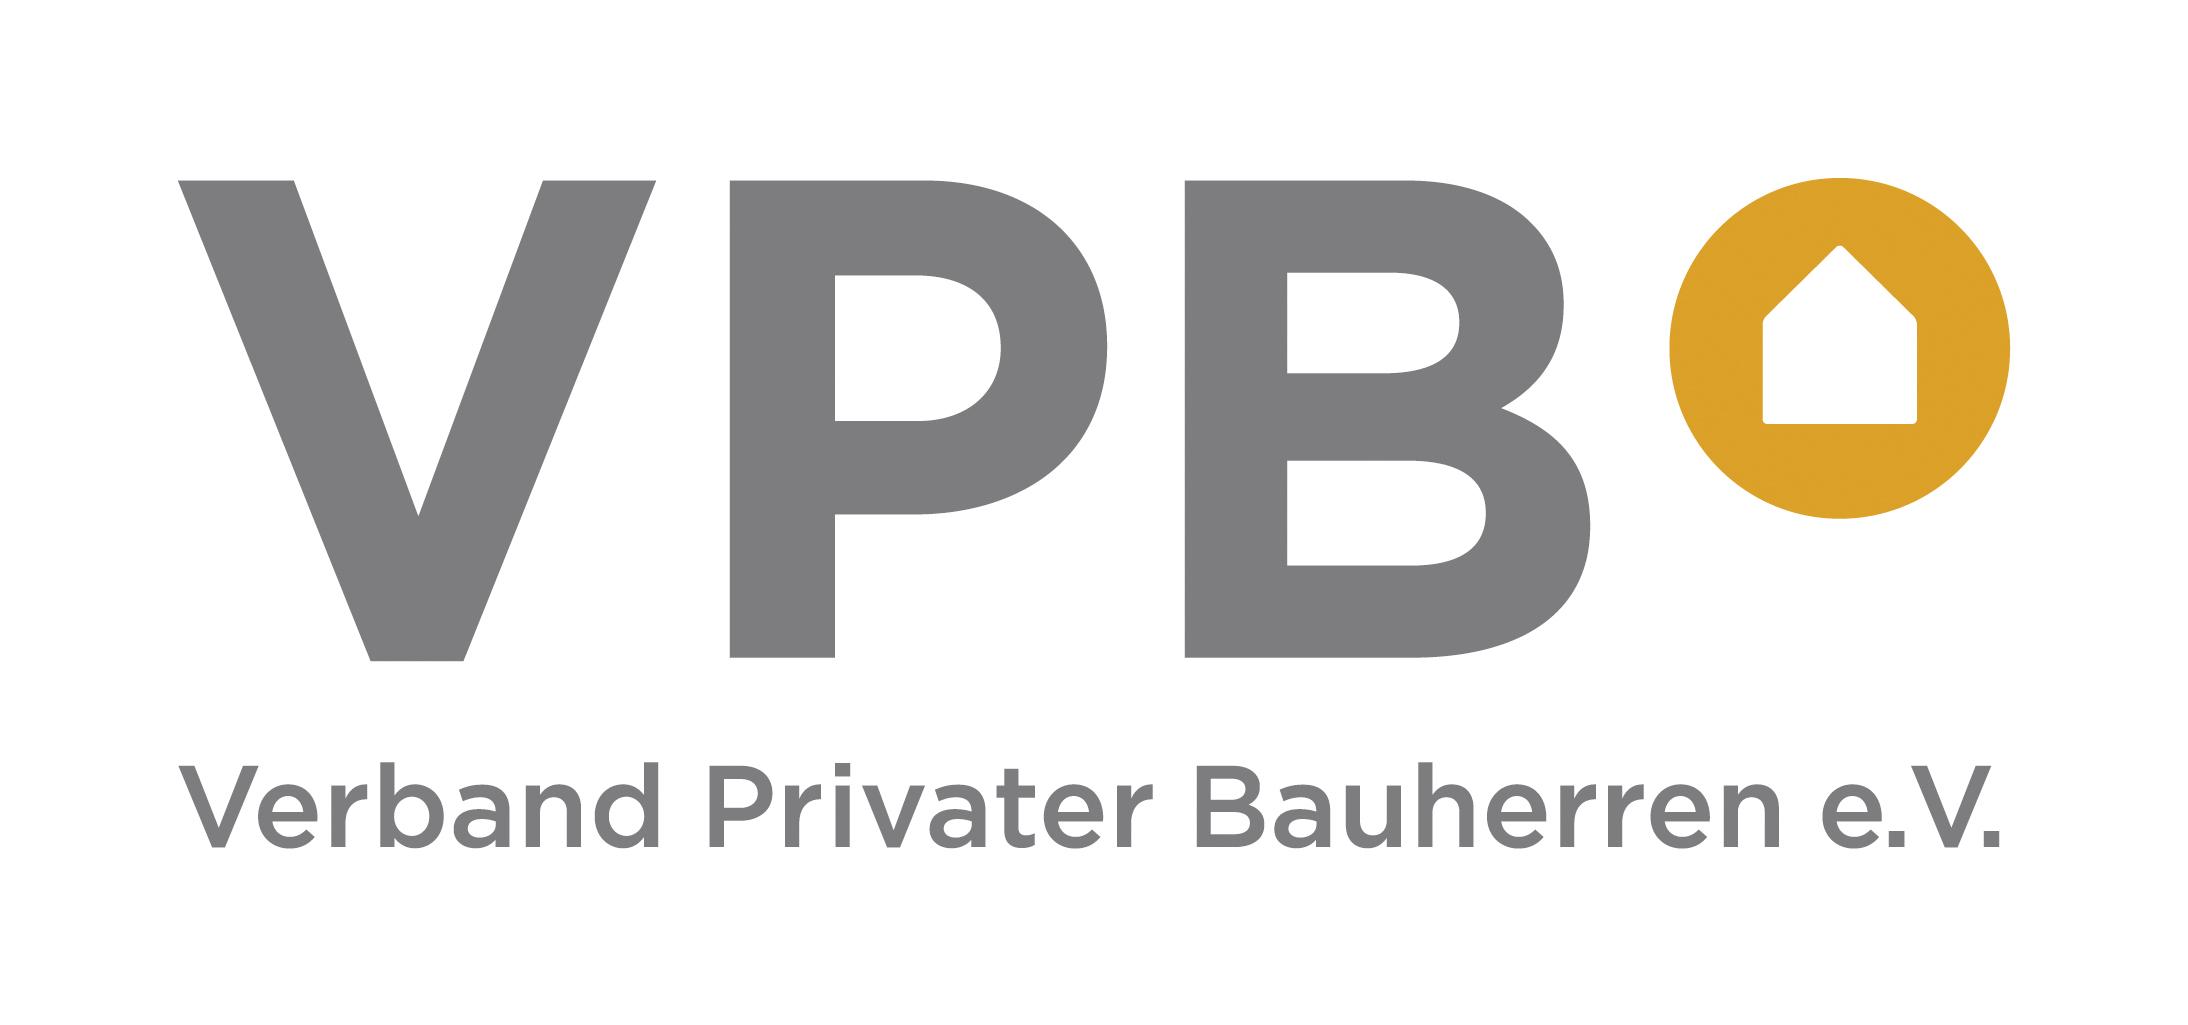 Verband Privater Bauherren E.V. (VPB)